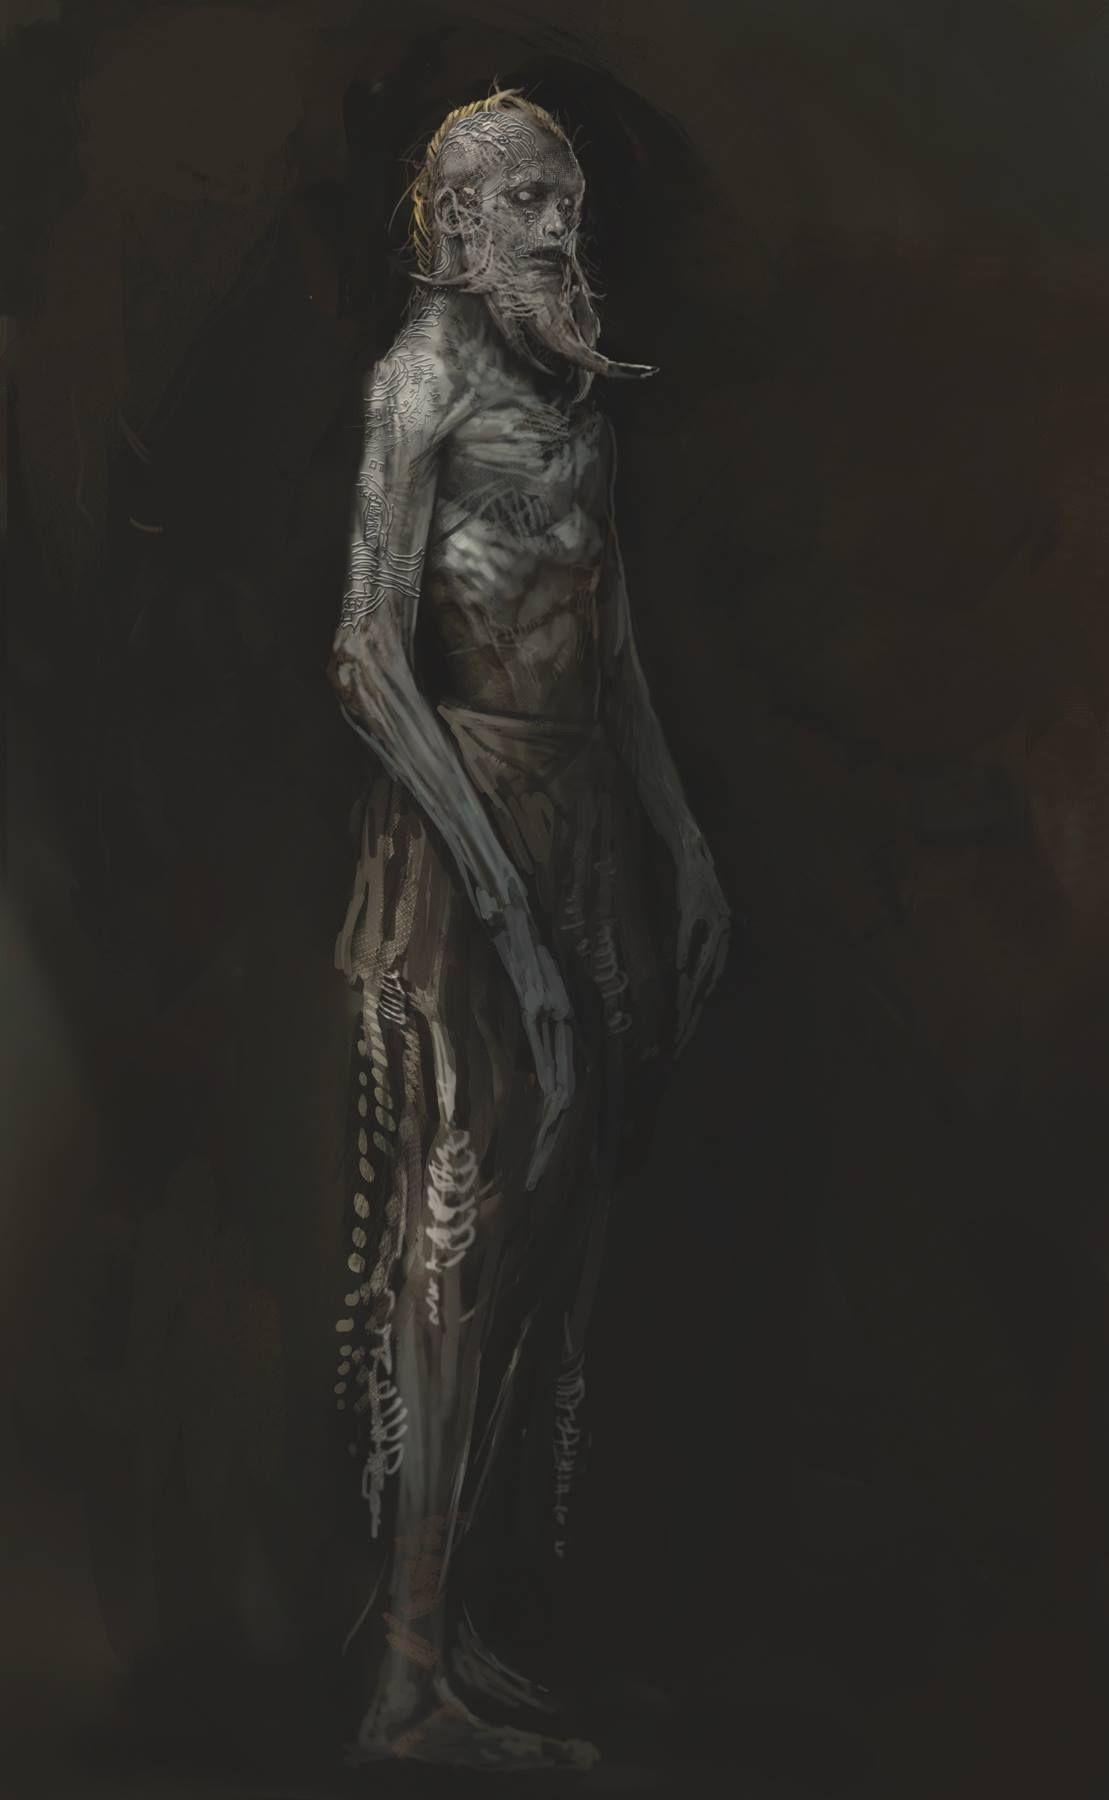 Der Letzte Hexenjäger